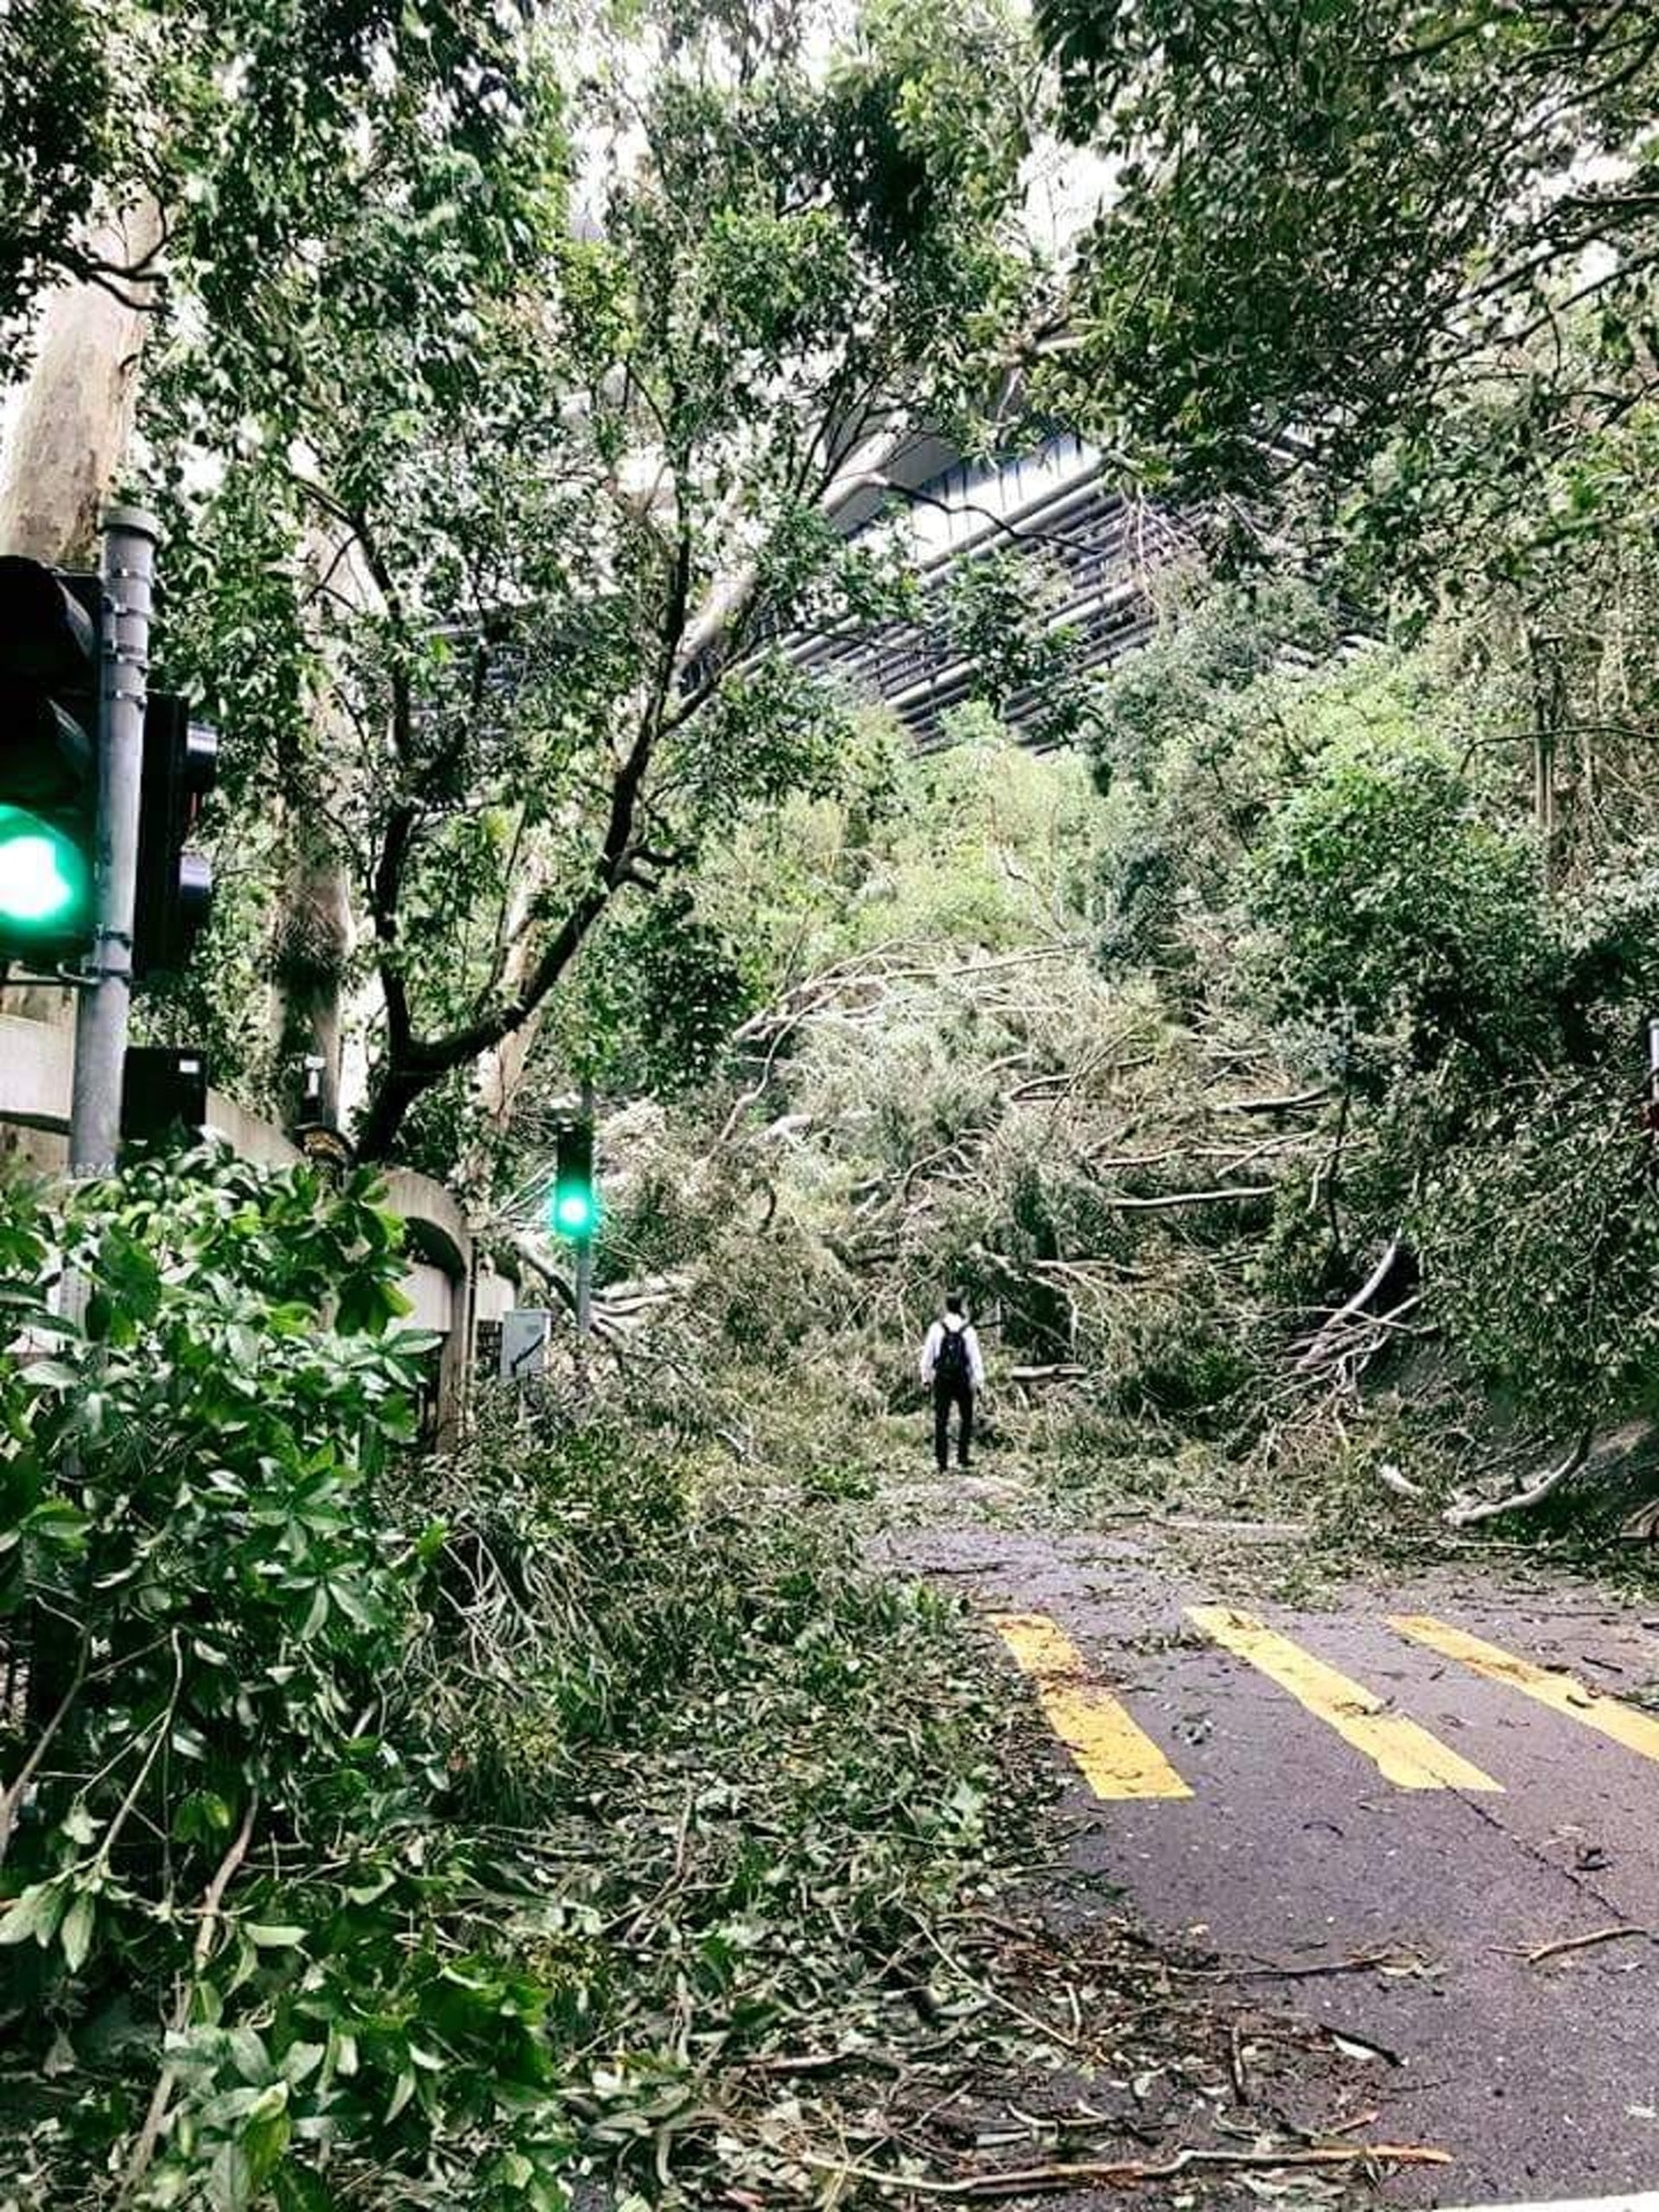 地球人已無法阻止香港人返工。有網民上載這張「絕望返工相」,被網友廣傳及改圖。(Facebook「Tai Po 大埔」群組圖片)